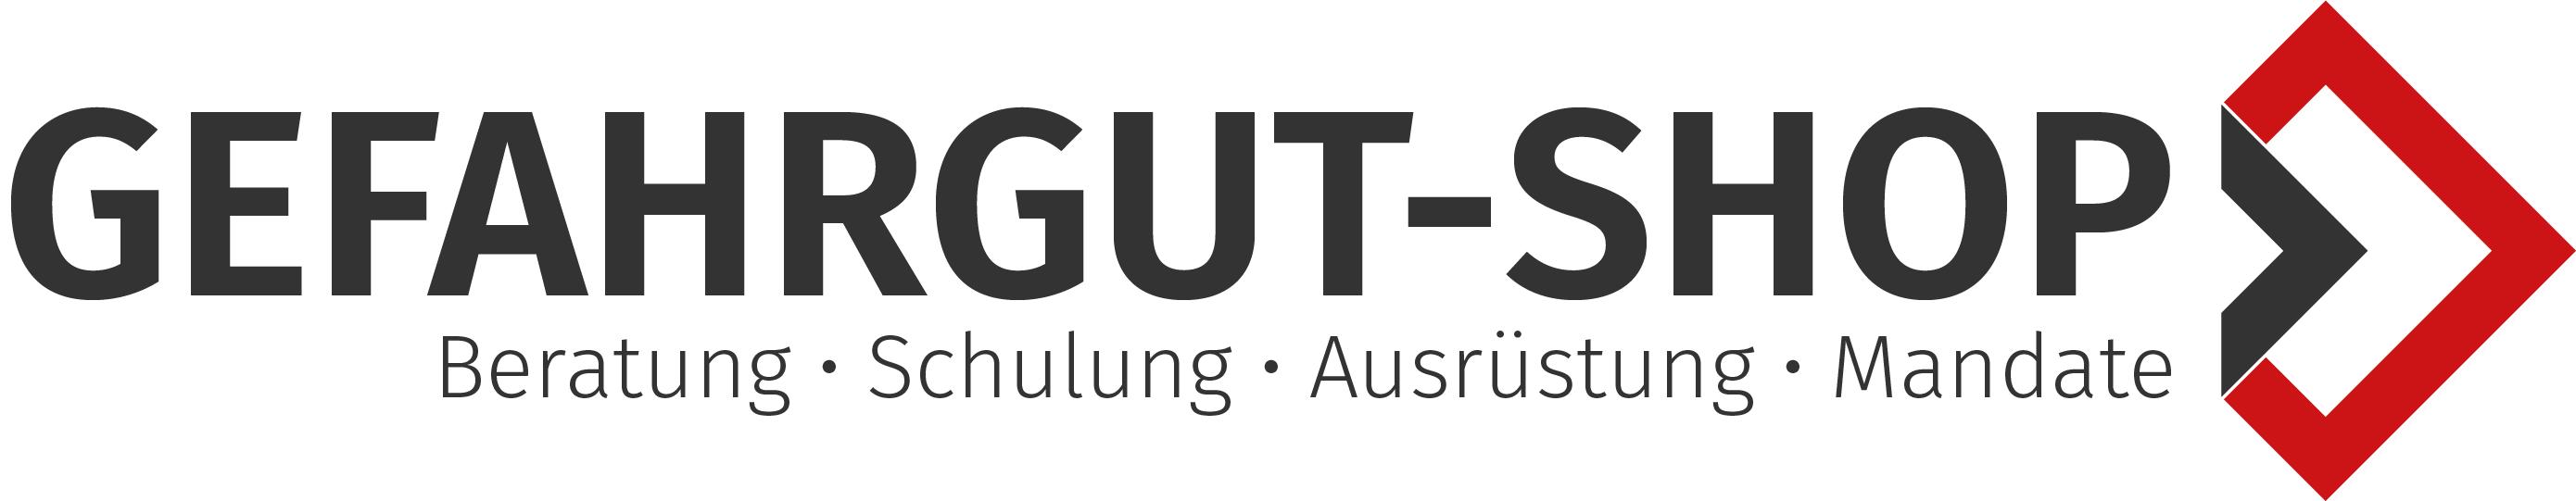 Gefahrgut-Shop Logo